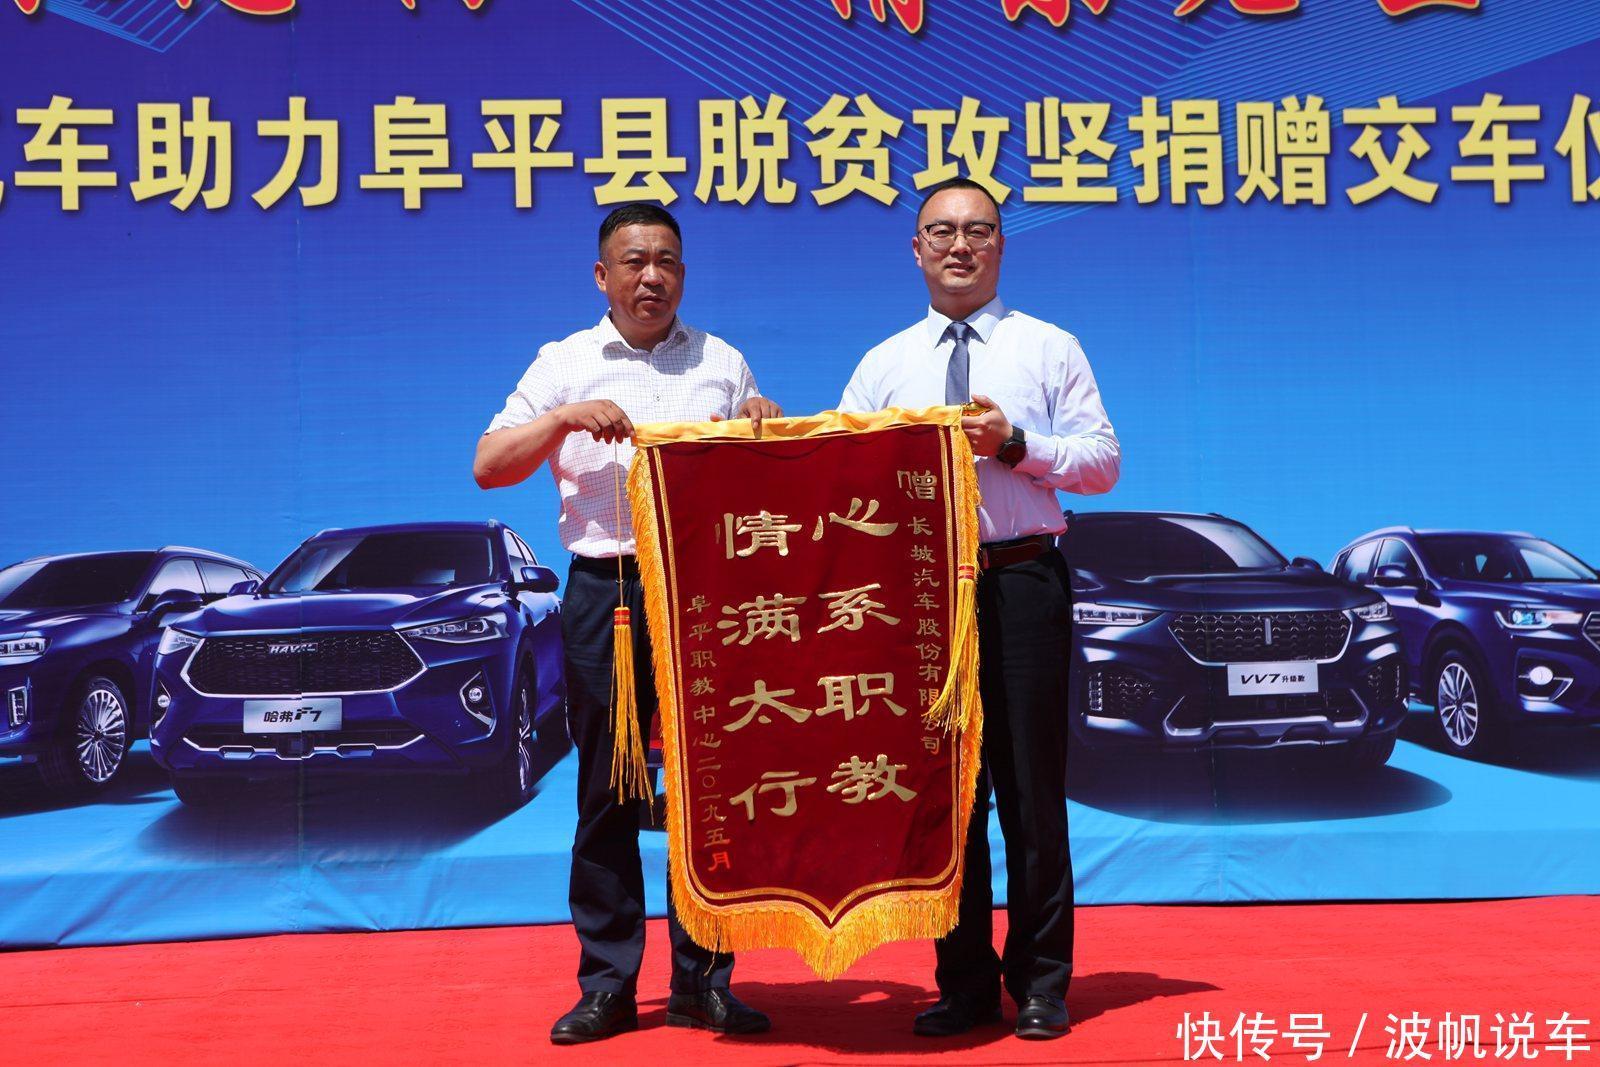 长城刀具汽车千万元价值及车辆正式捐赠阜平县yg铝合金设备图片